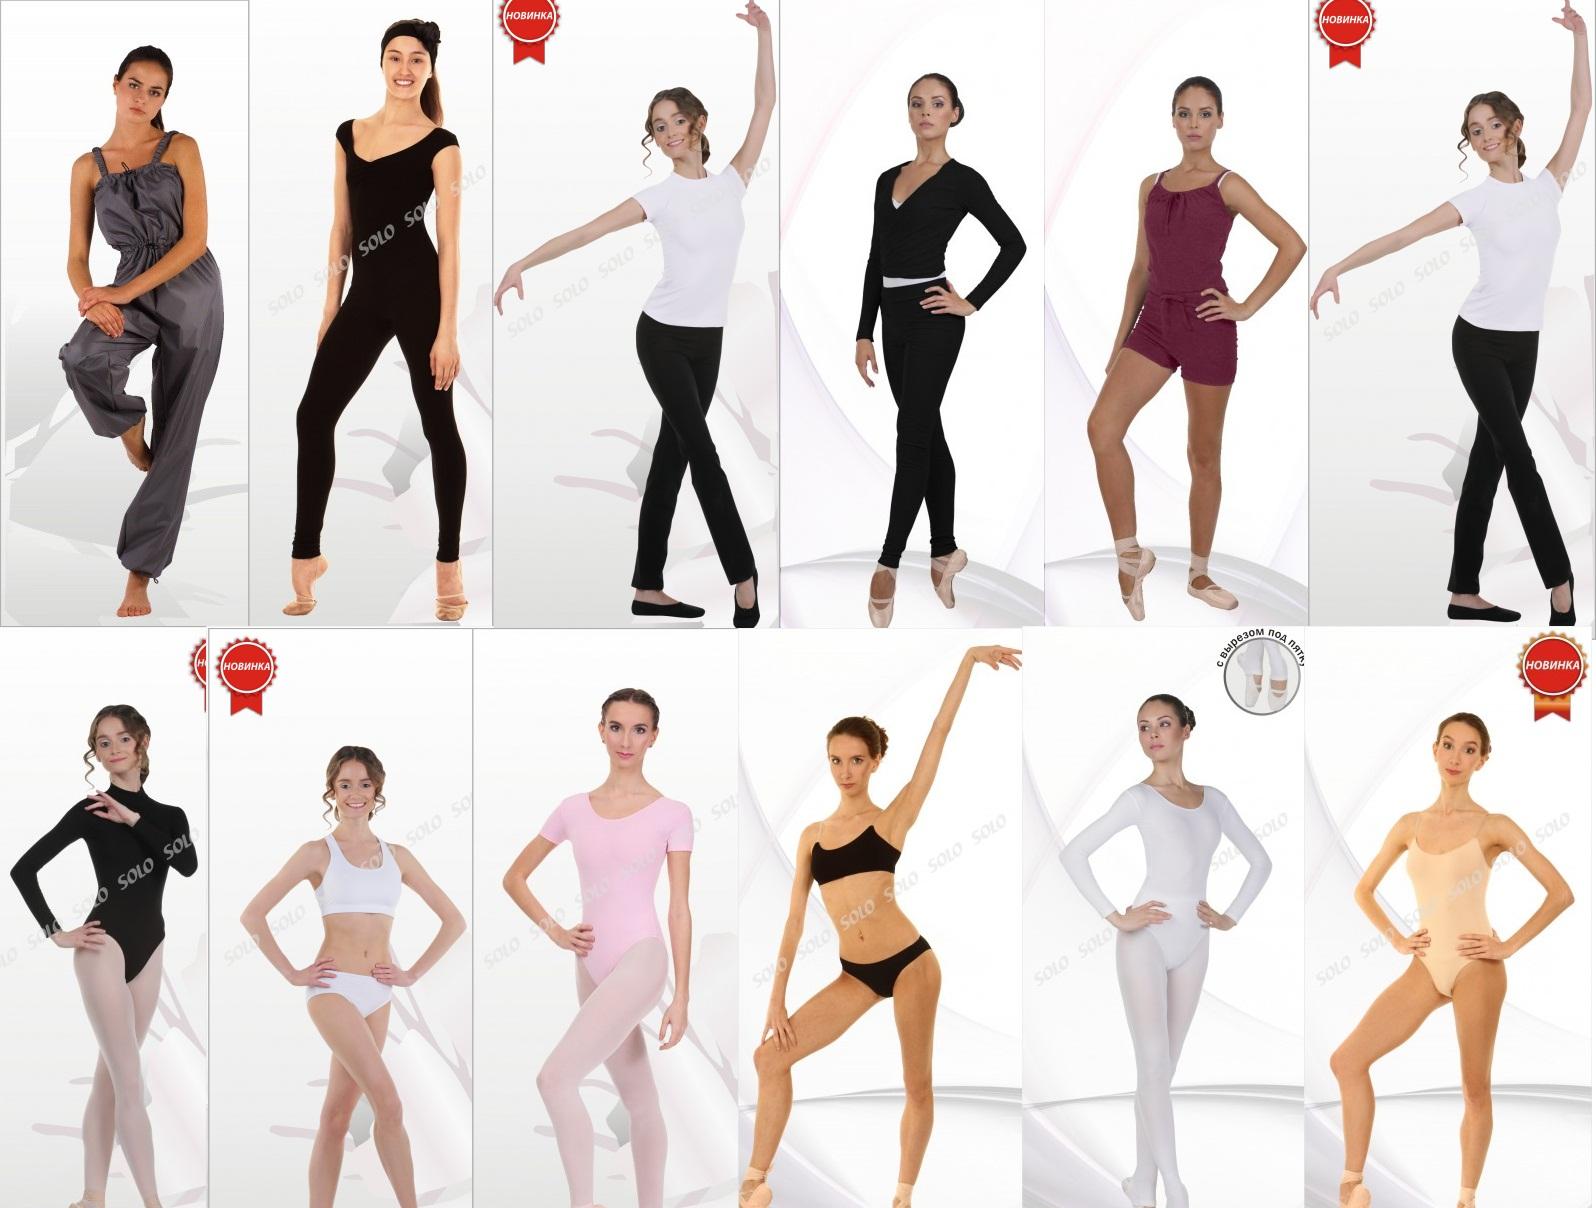 Одежда для занятия спортом, дома и отдыха - 31. Коллекция для интенсивного сброса веса.